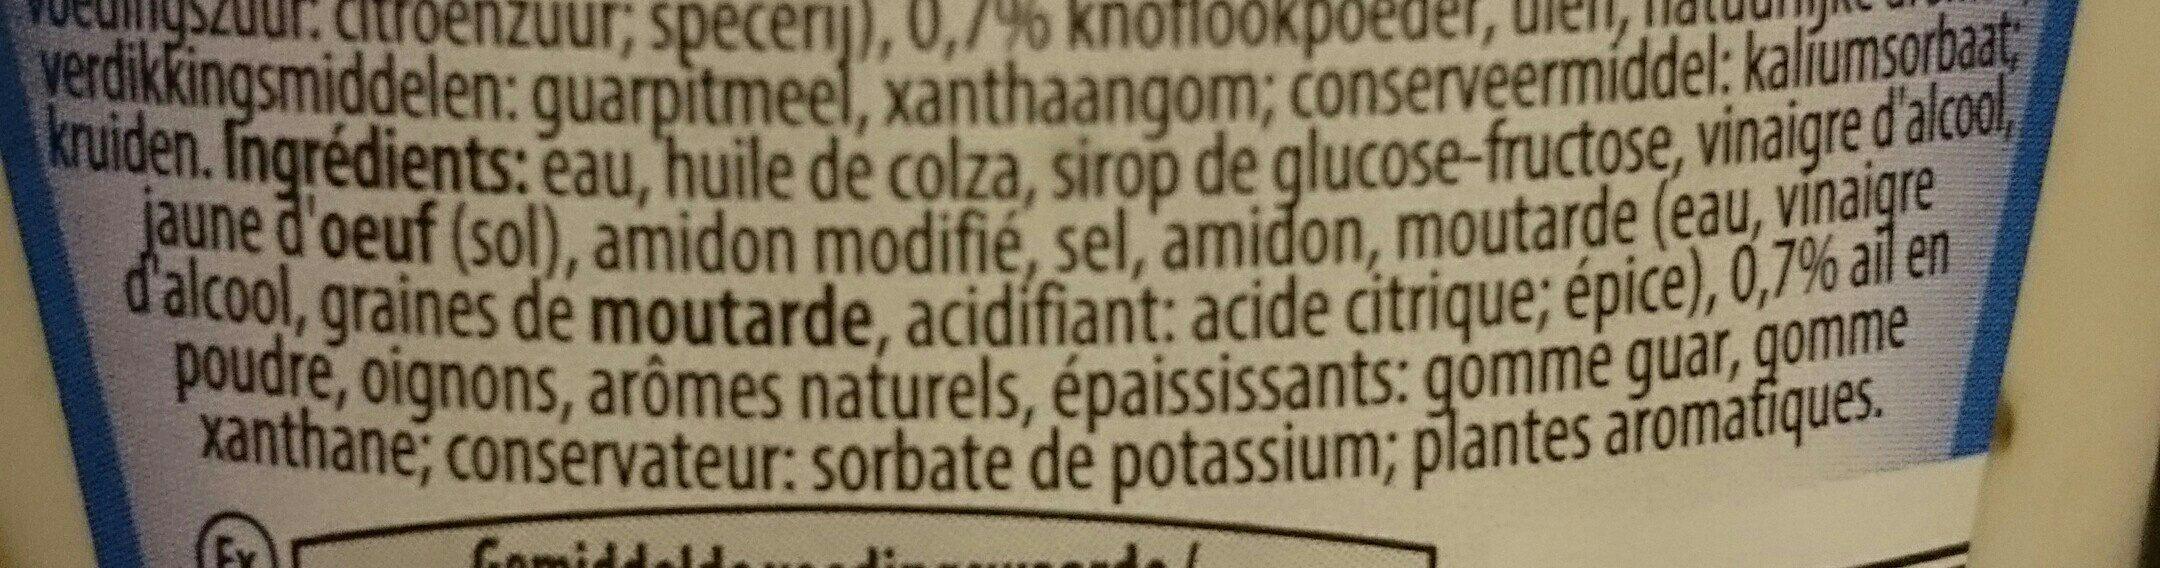 Sauce Aïoli - Ingrediënten - fr